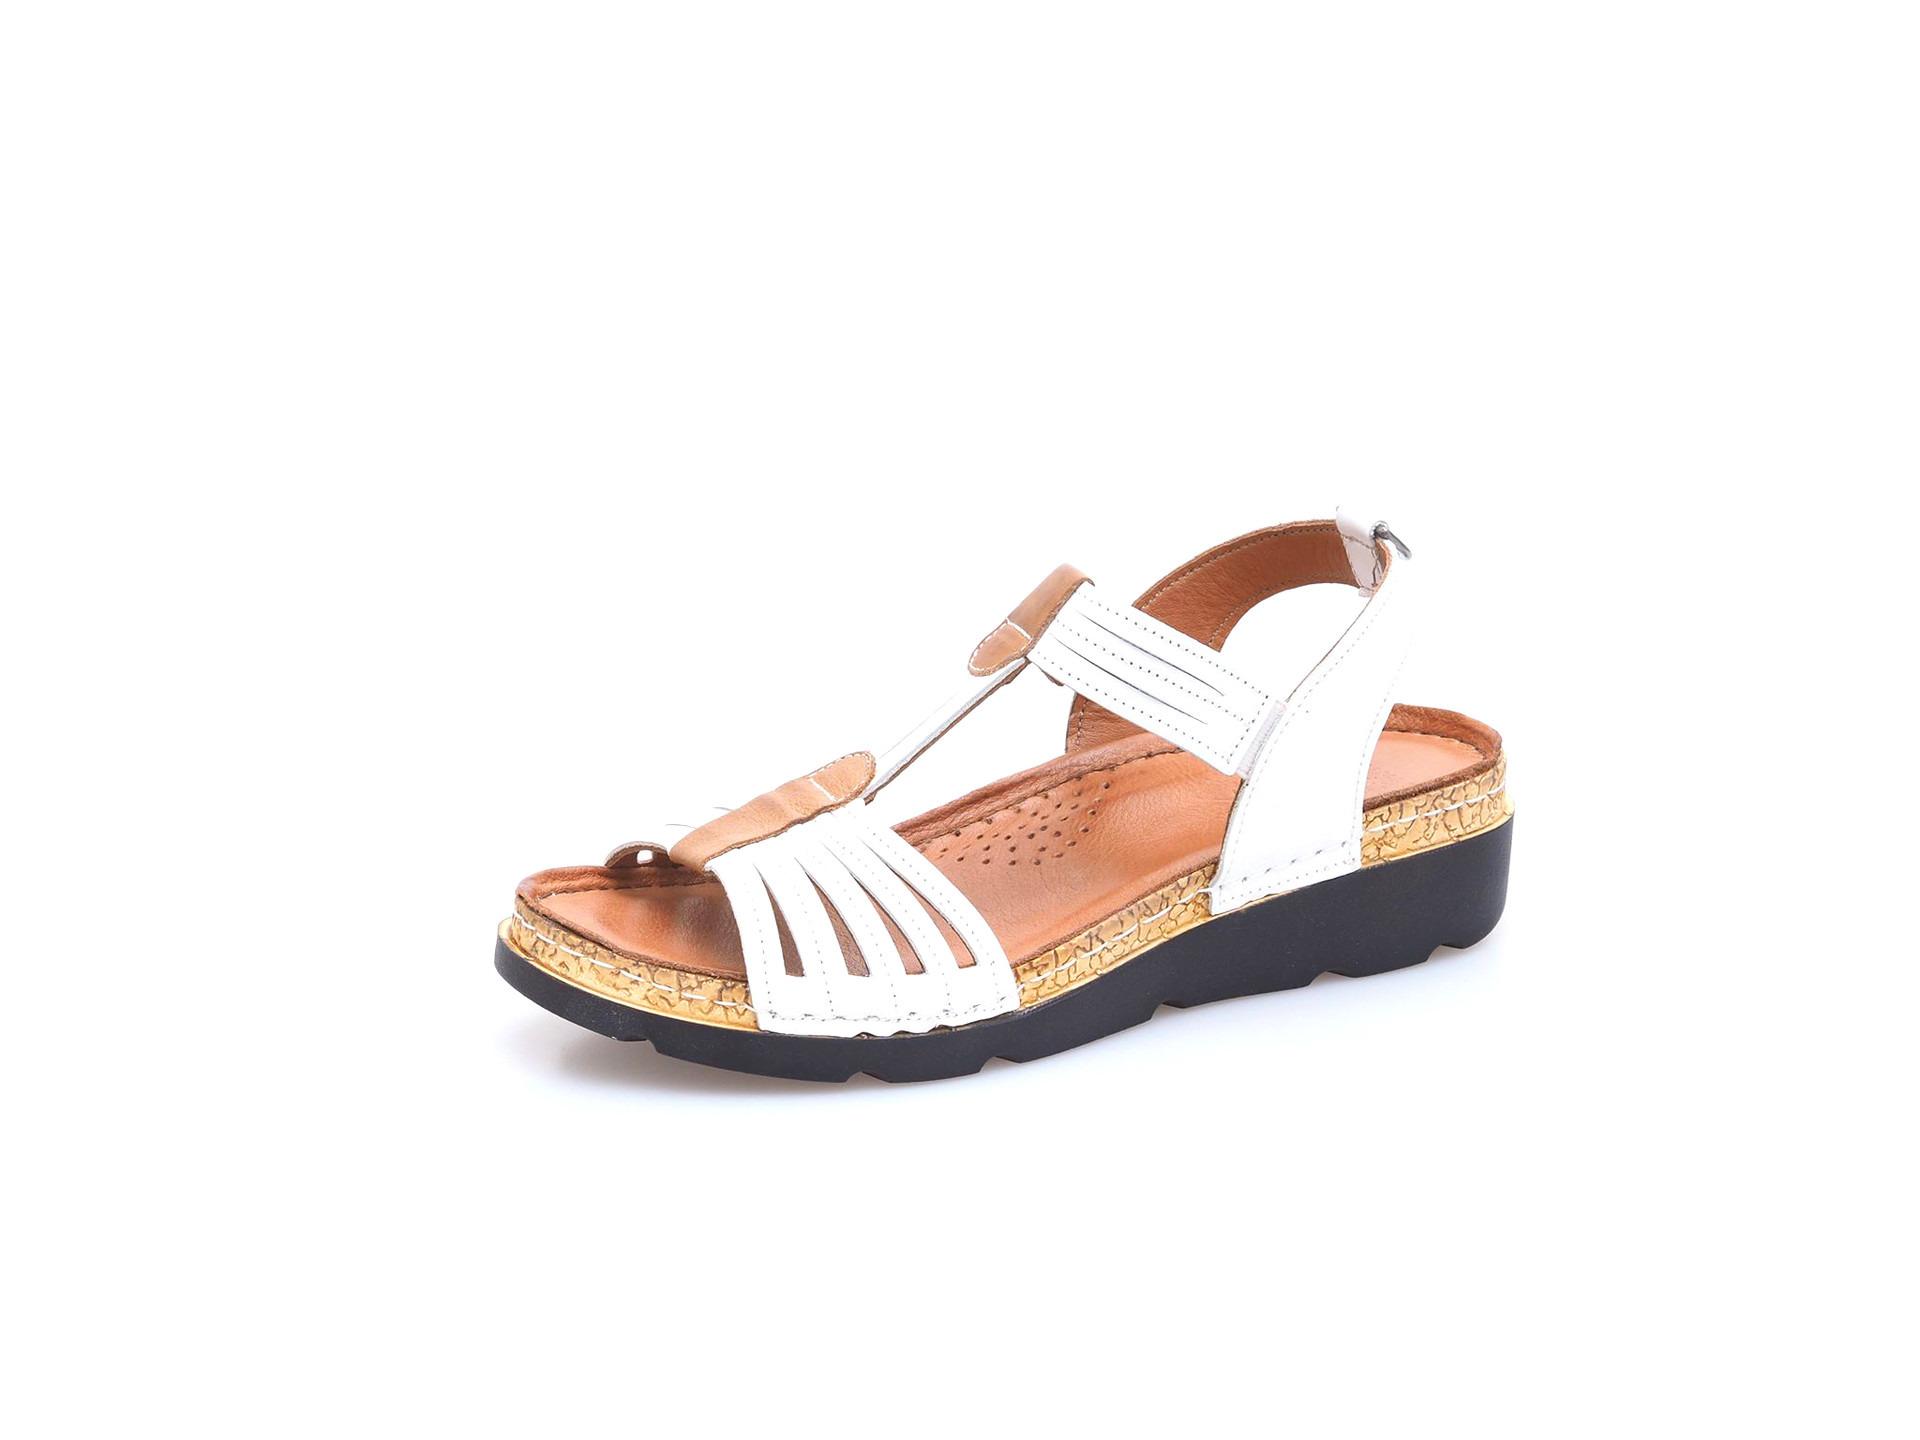 Soňa - Dámska obuv - Sandále - Dámska otvorená sandála na klinovom ... 84648fd56c